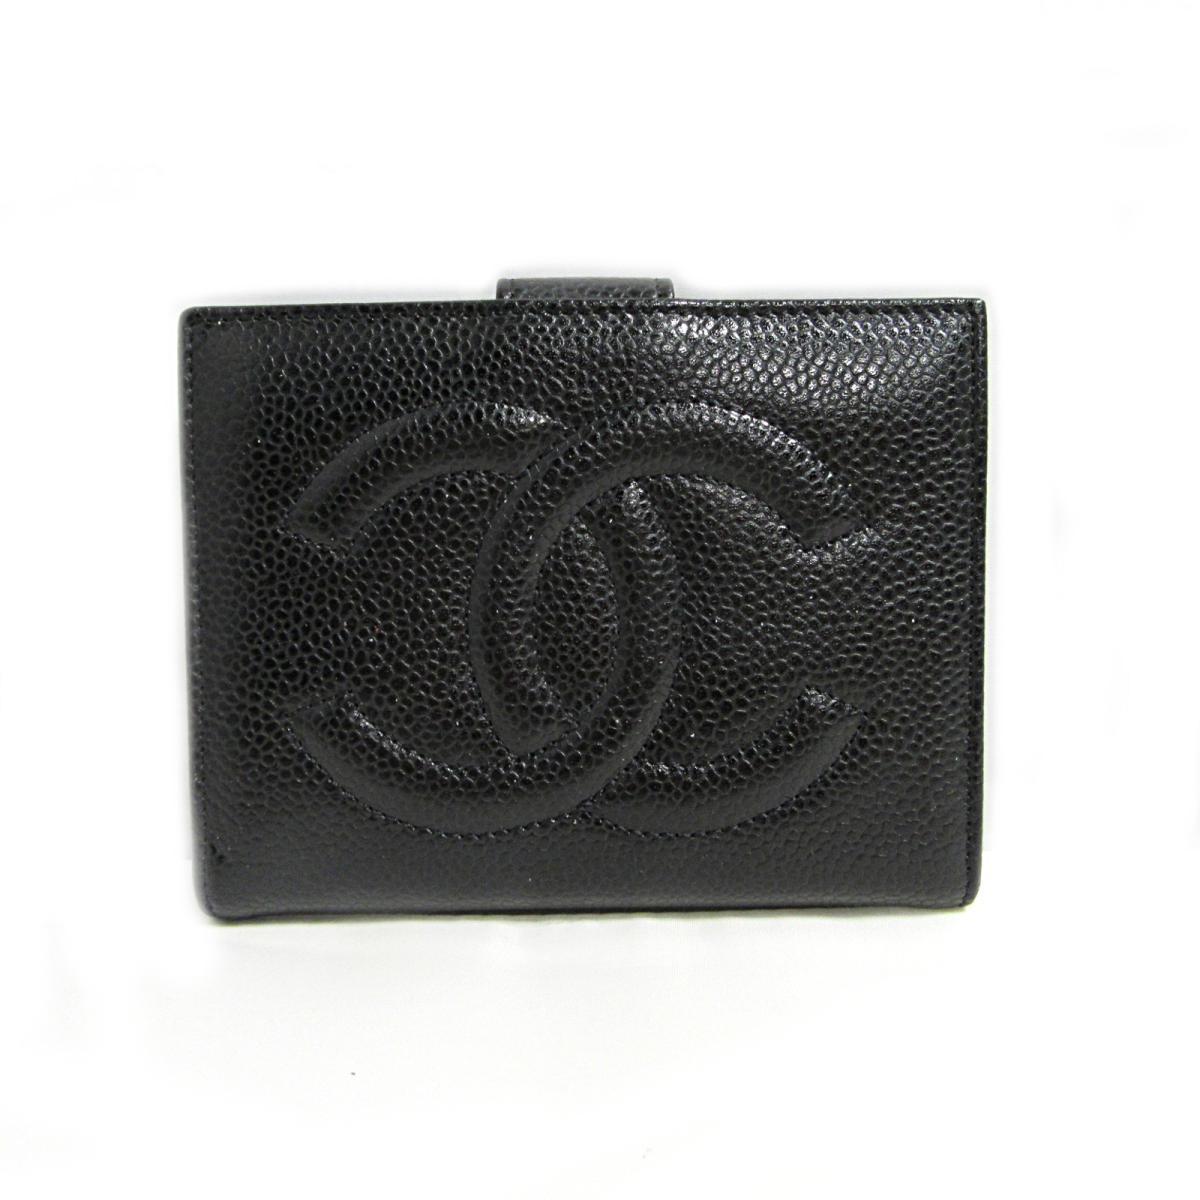 がま口 二つ折り財布 コンパクト 財布